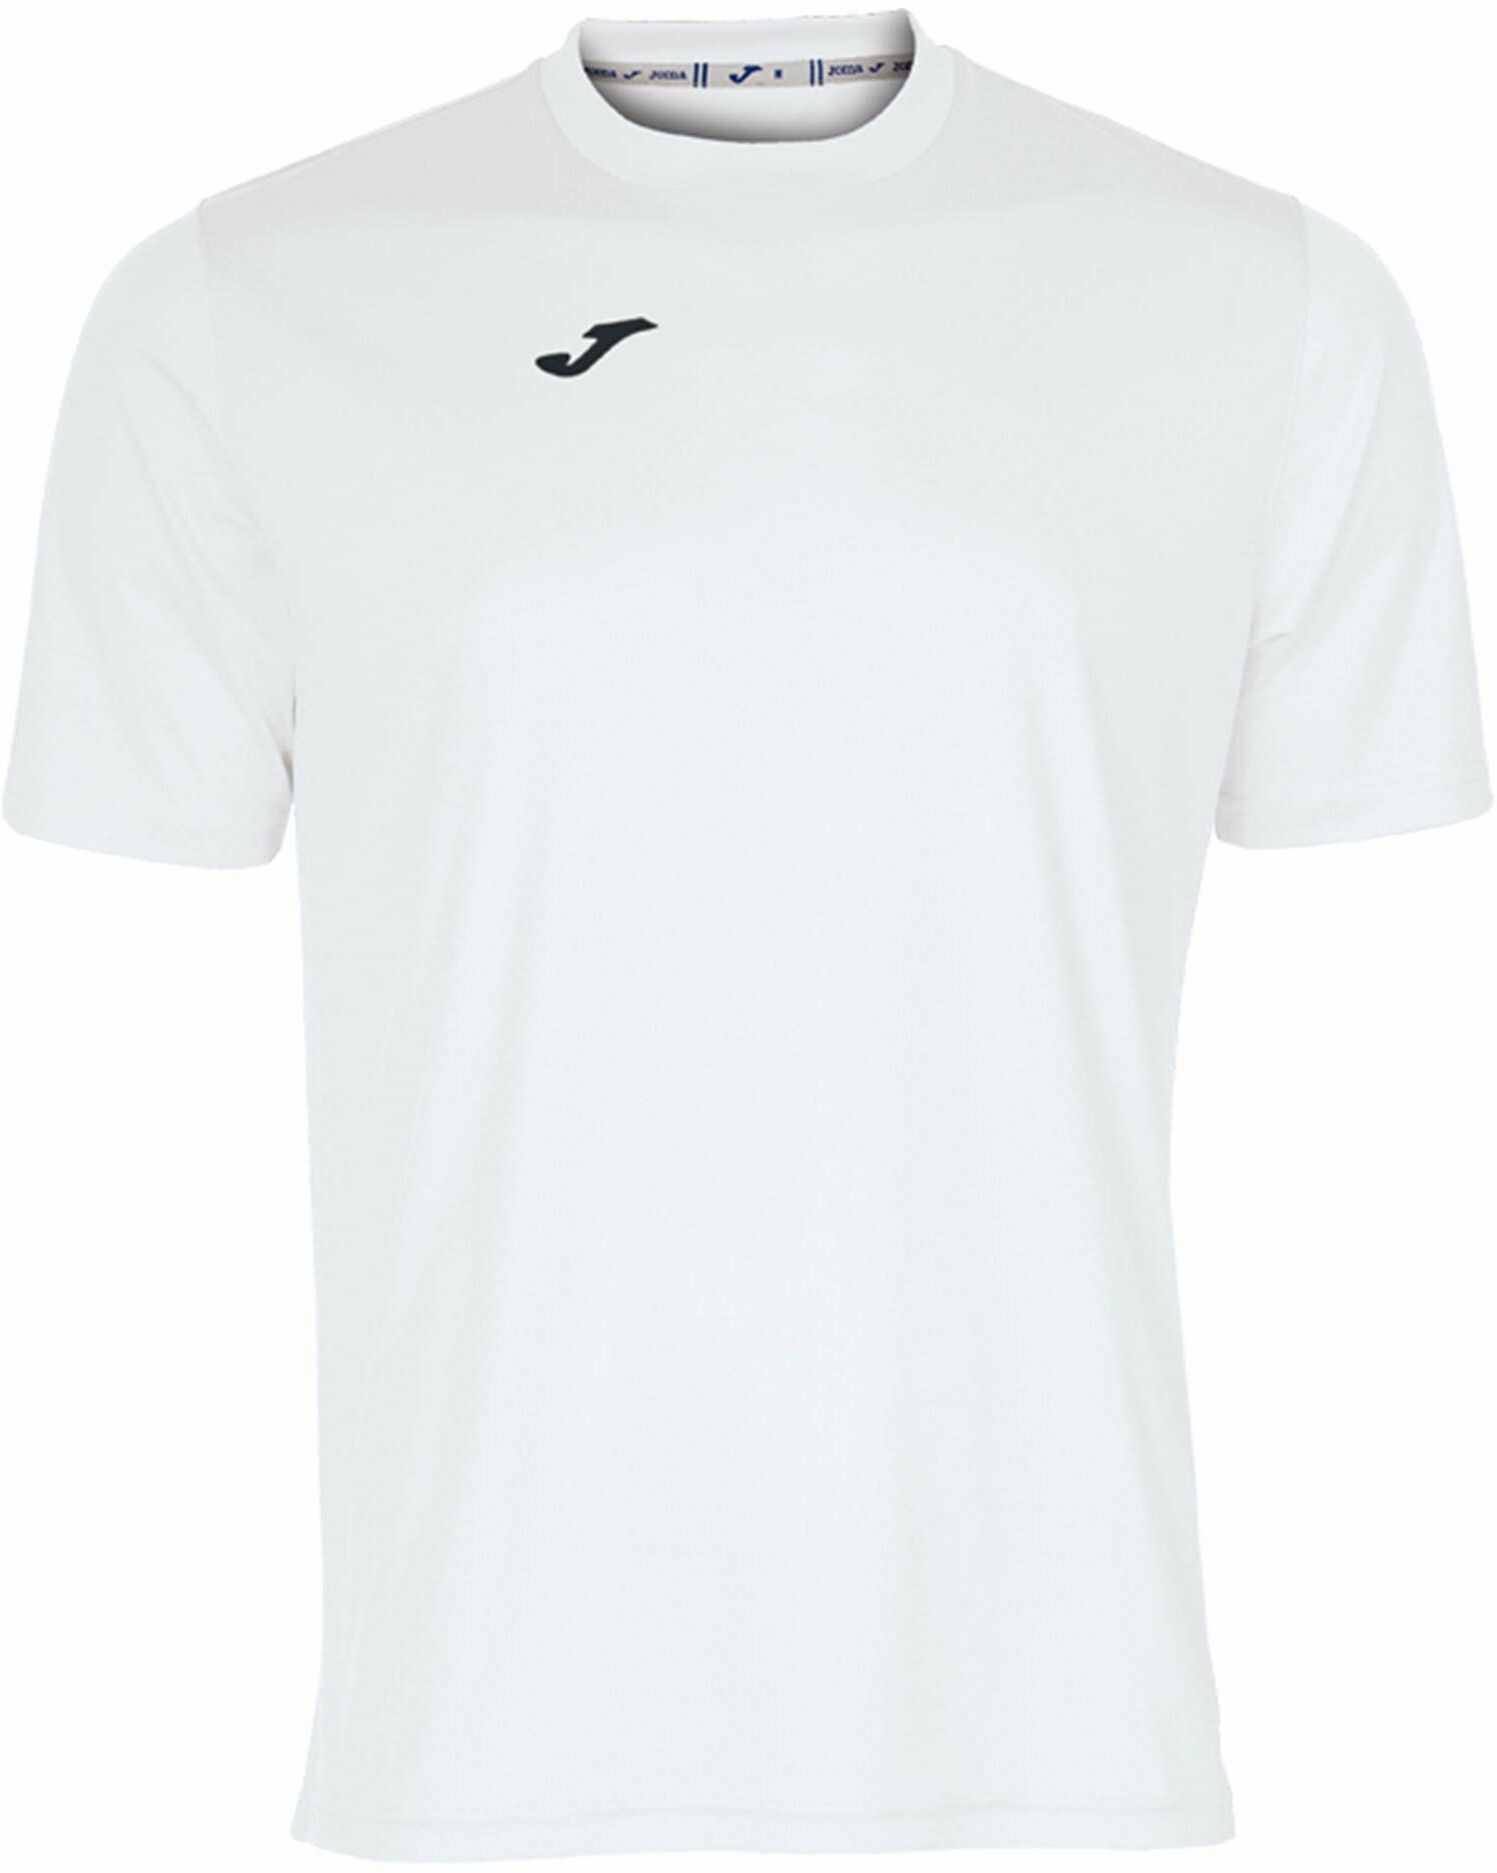 Joma męska koszulka 100052.200 Joma 100052.200 z krótkim rękawem - biały/biały, 2X-mały Biały/biały XL